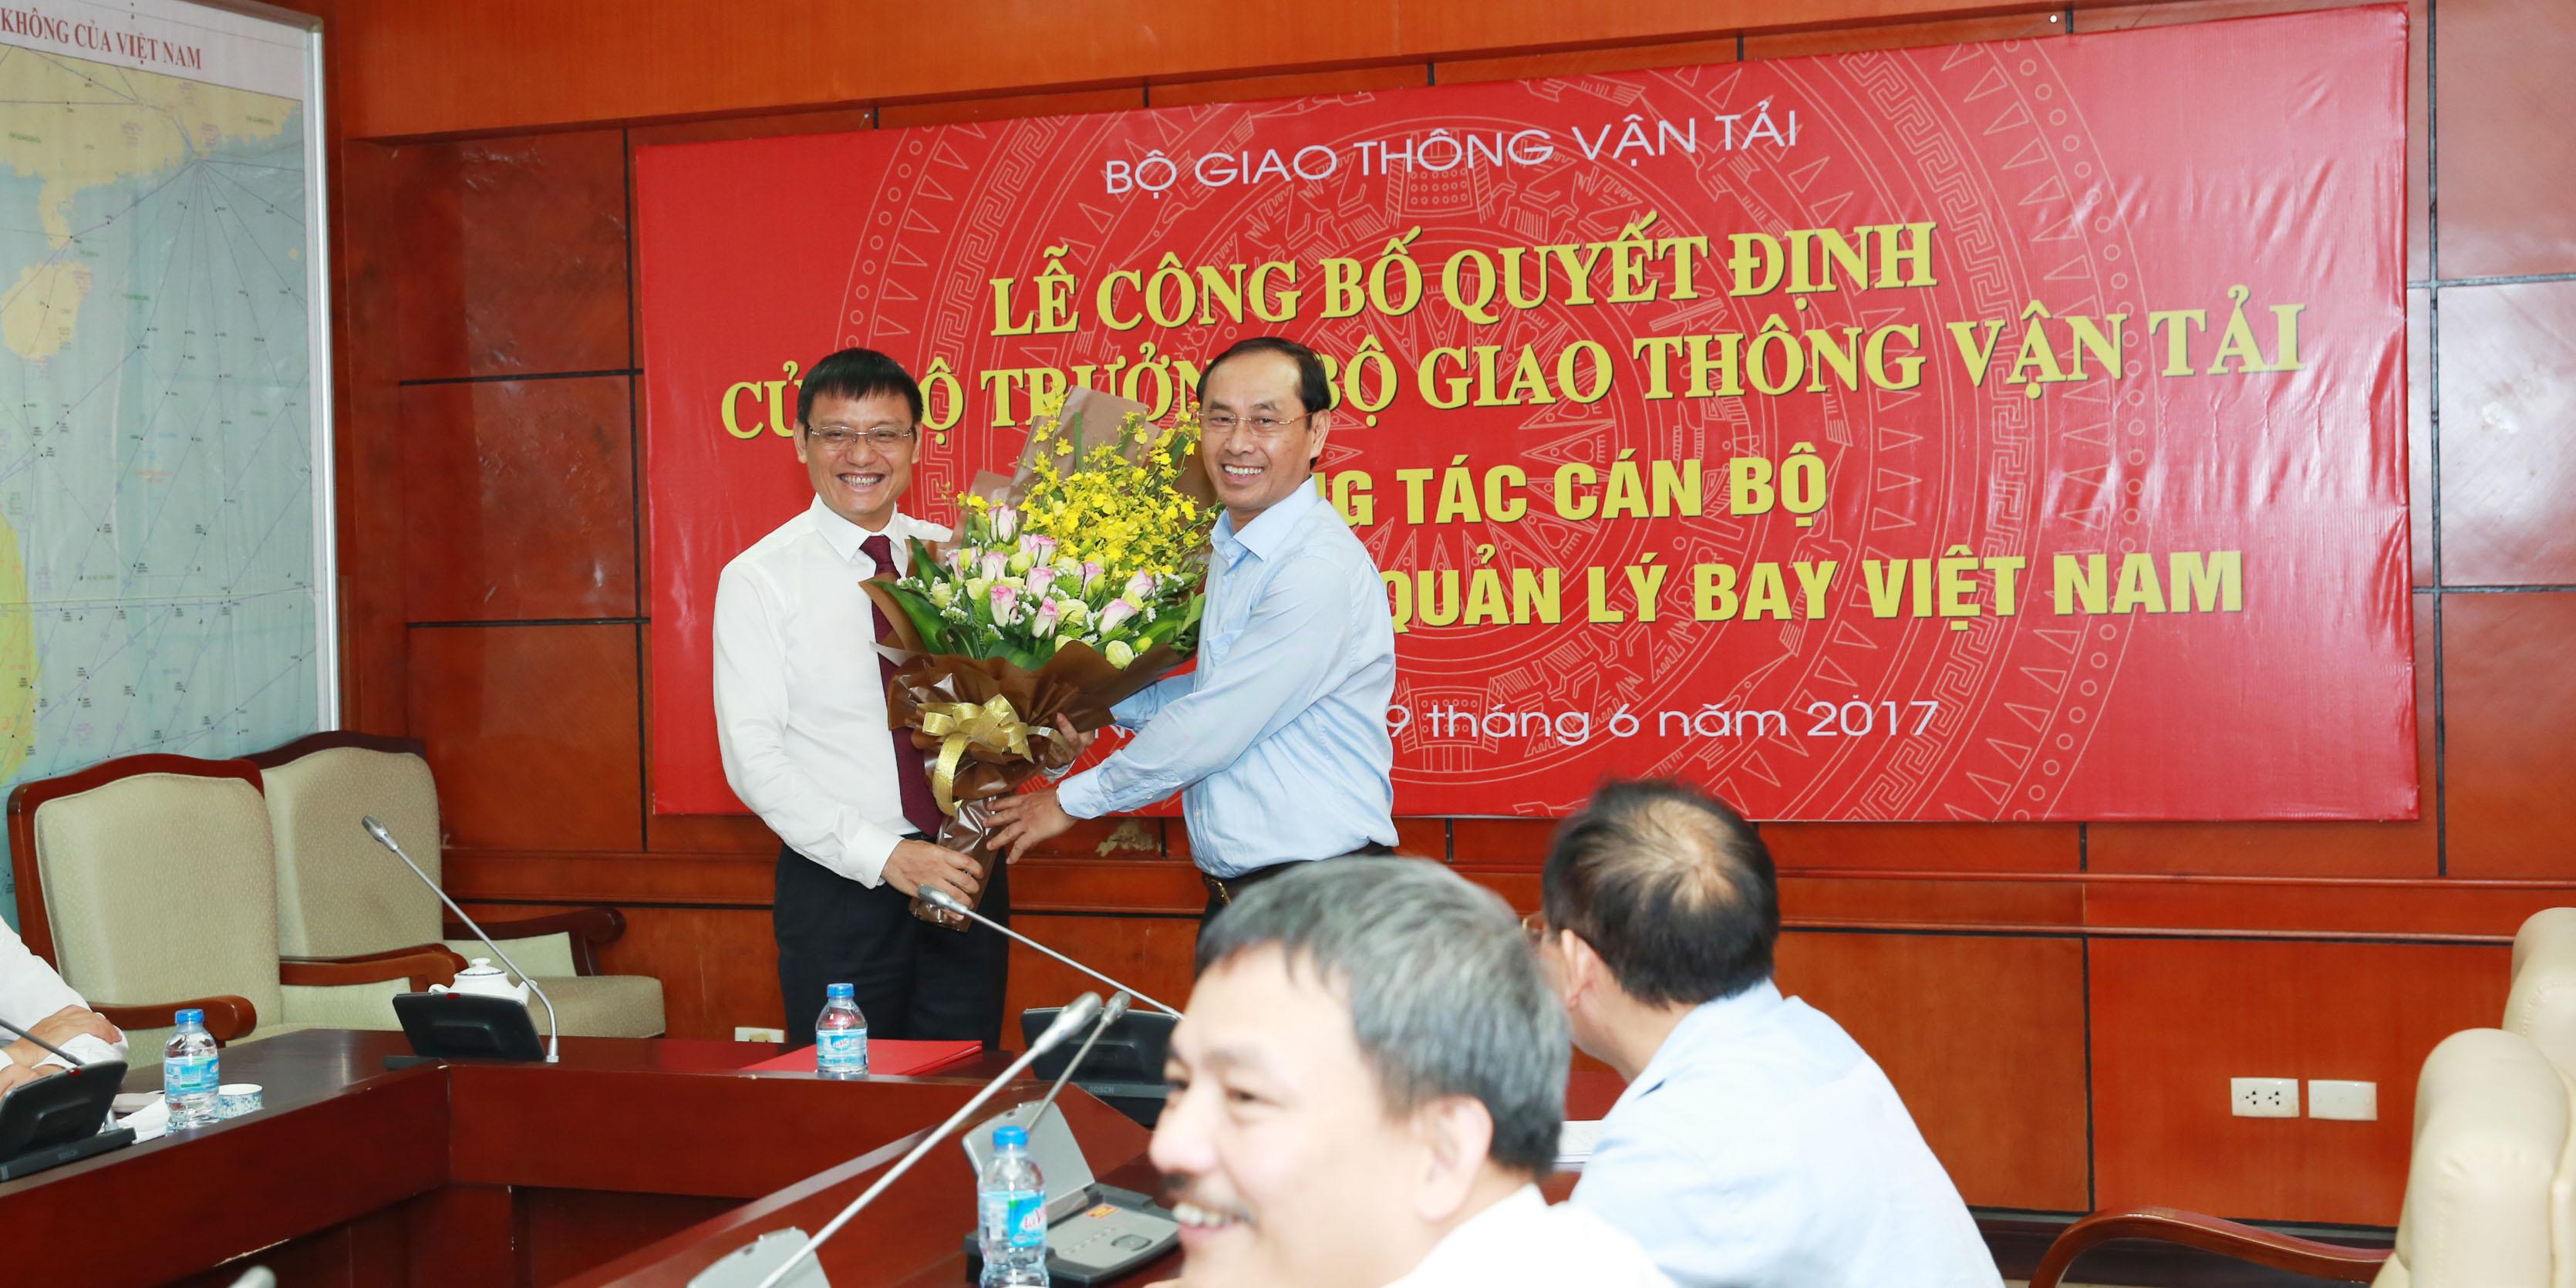 Lễ công bố Quyết định giao quyền Chủ tịch Hội đồng thành viên Tổng công ty Quản lý bay Việt Nam